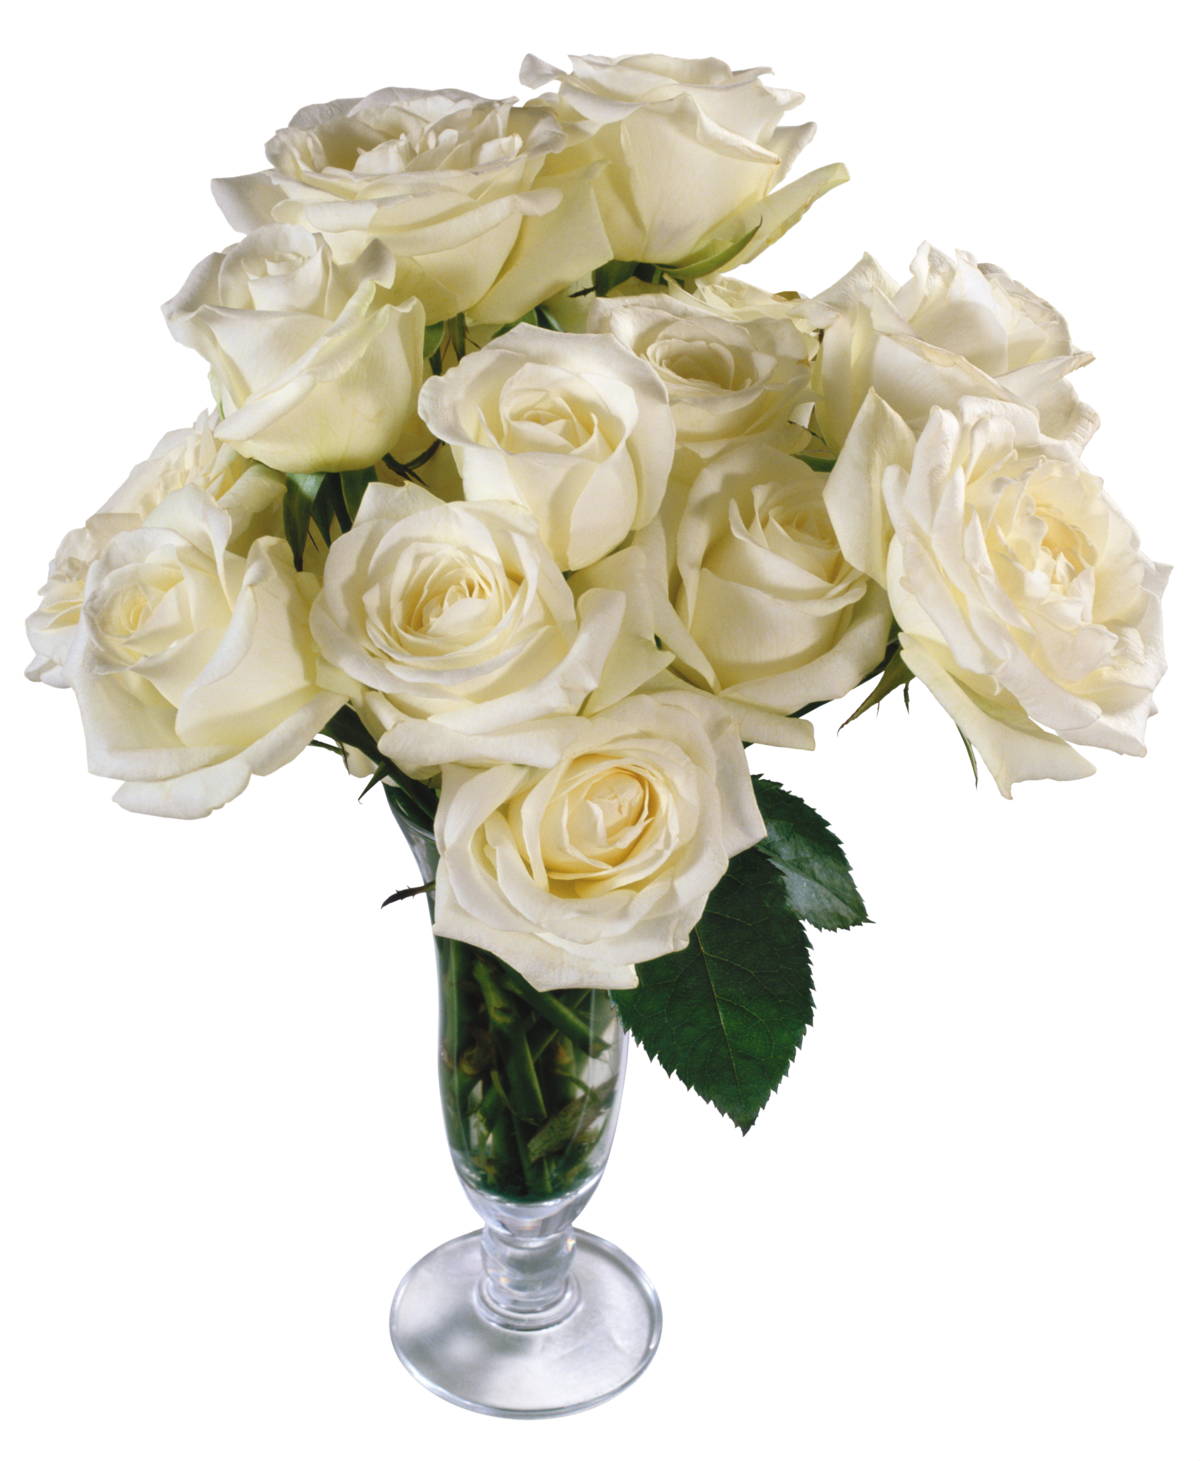 Картинки анимашки белые розы, созданию